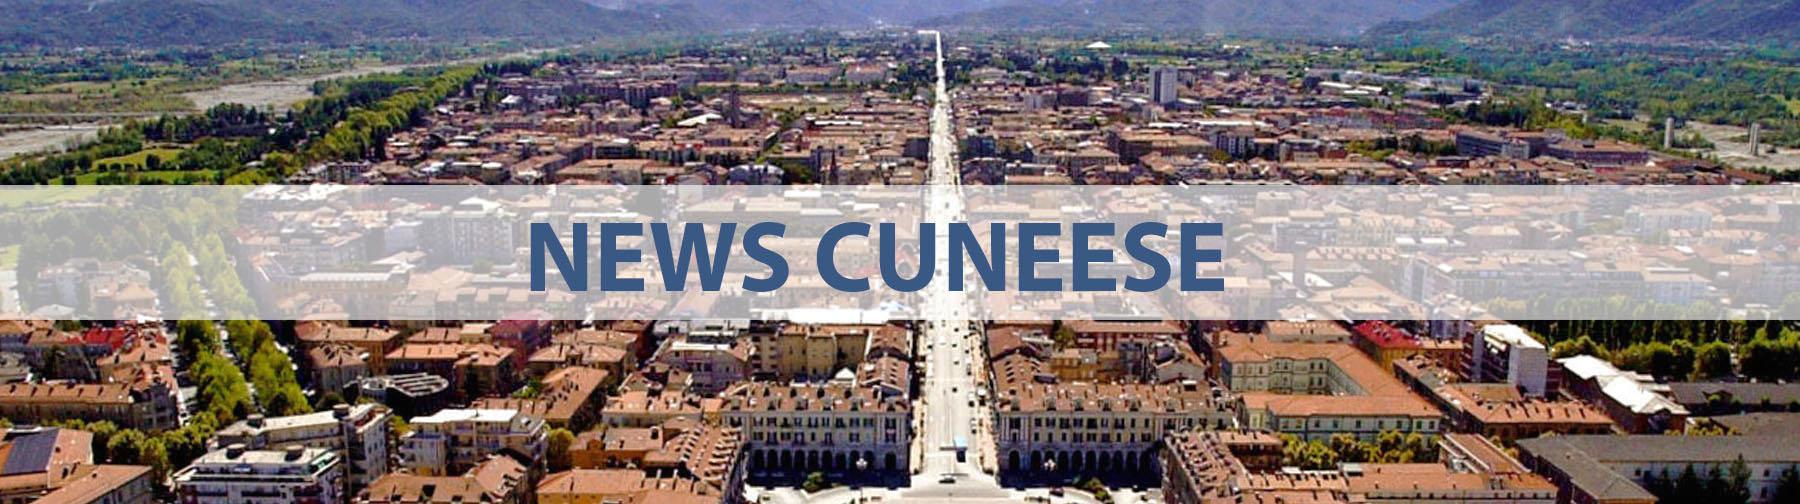 news CUNEESE